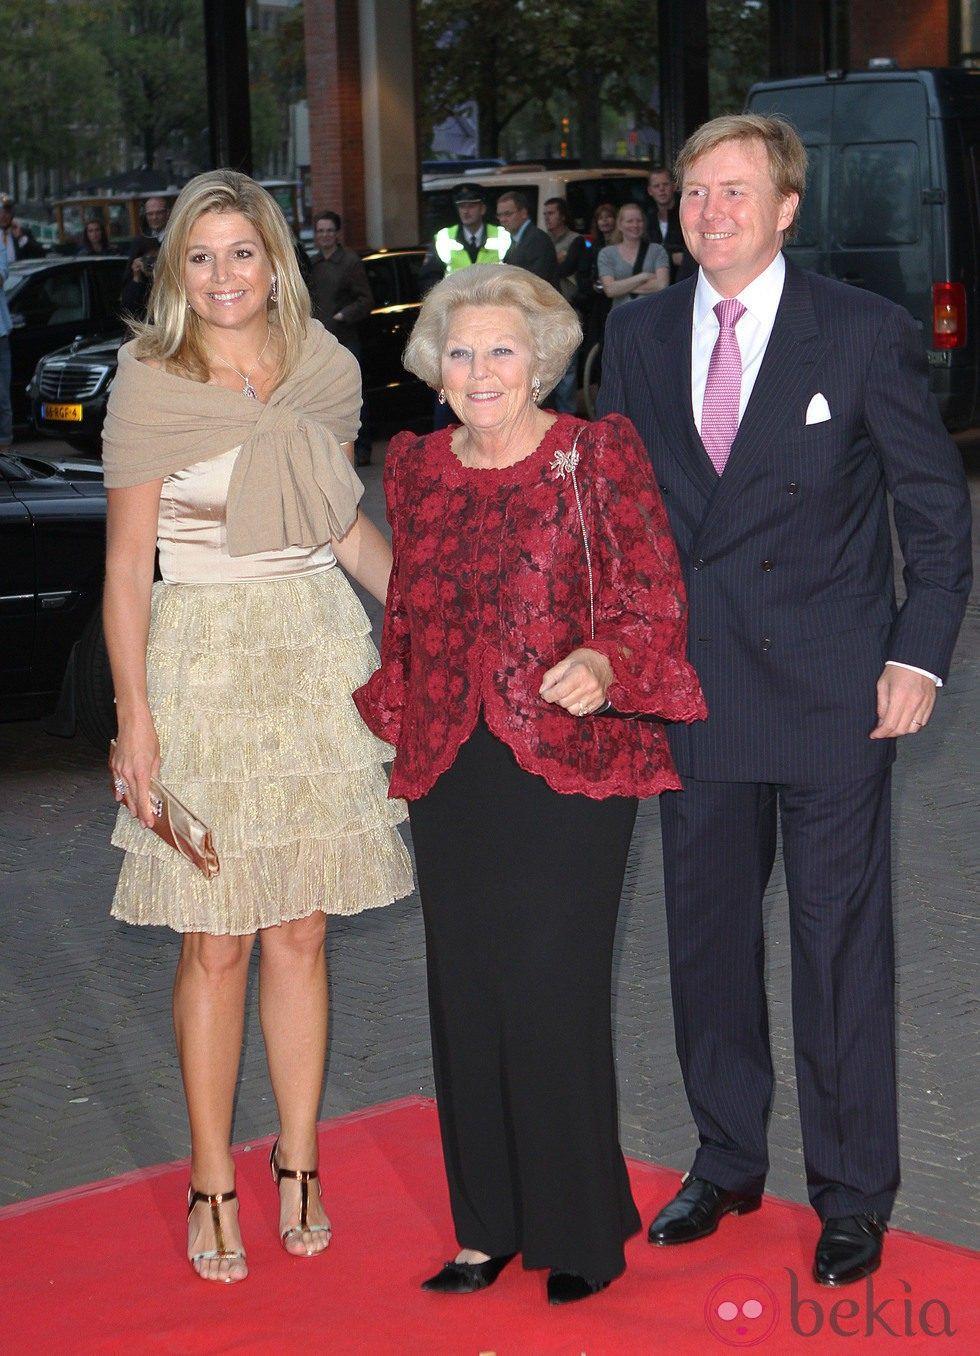 La Reina Beatriz de Holanda y los Príncipes Guillermo y Máxima en el 50 aniversario del Ballet Nacional holandés